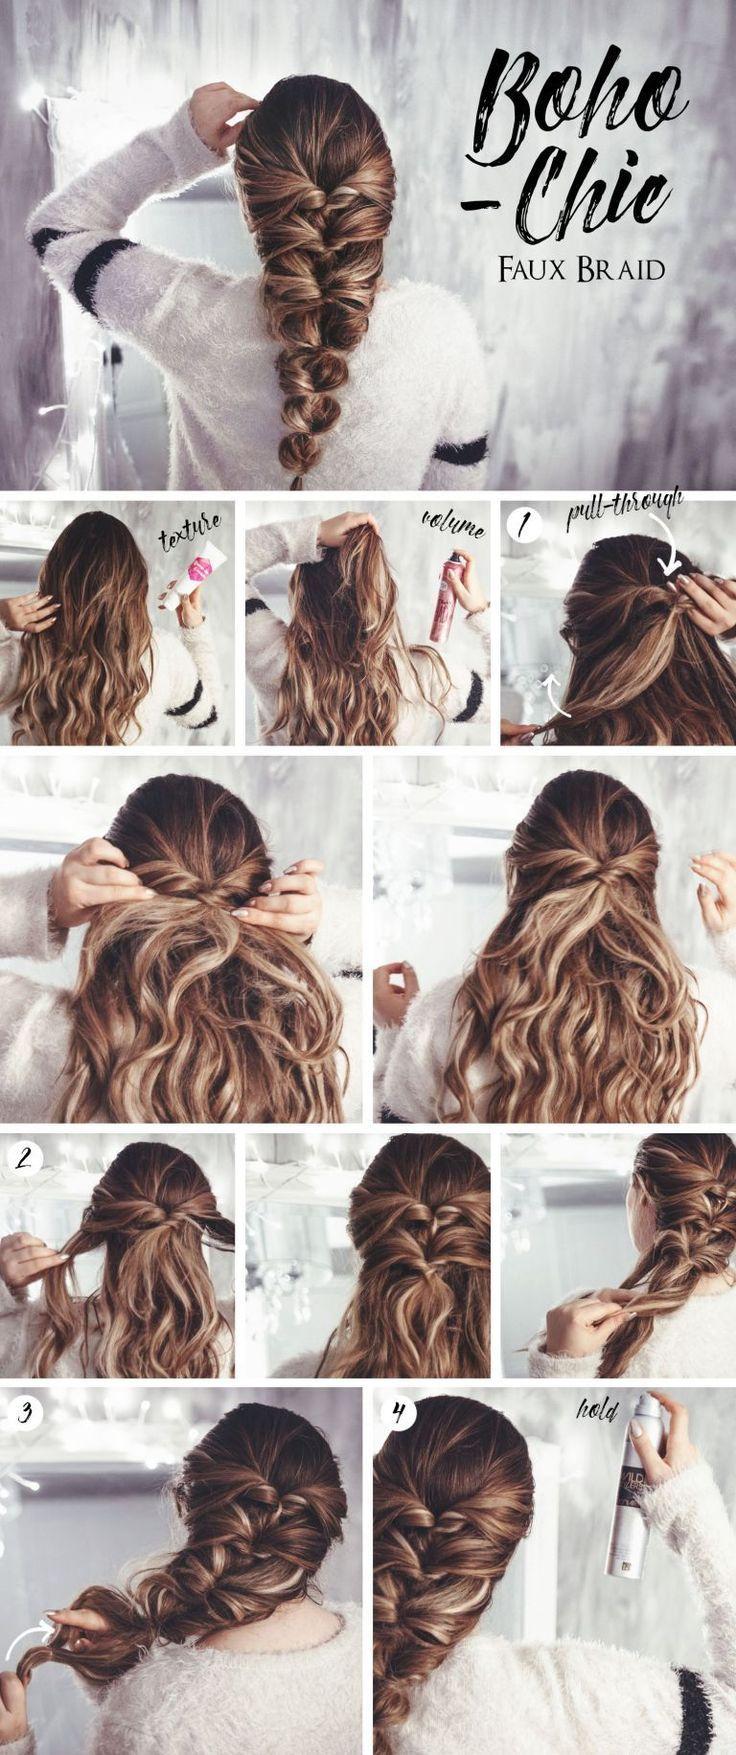 Hair tutorial: Bohemian Chic Faux Braid – #bohemia…